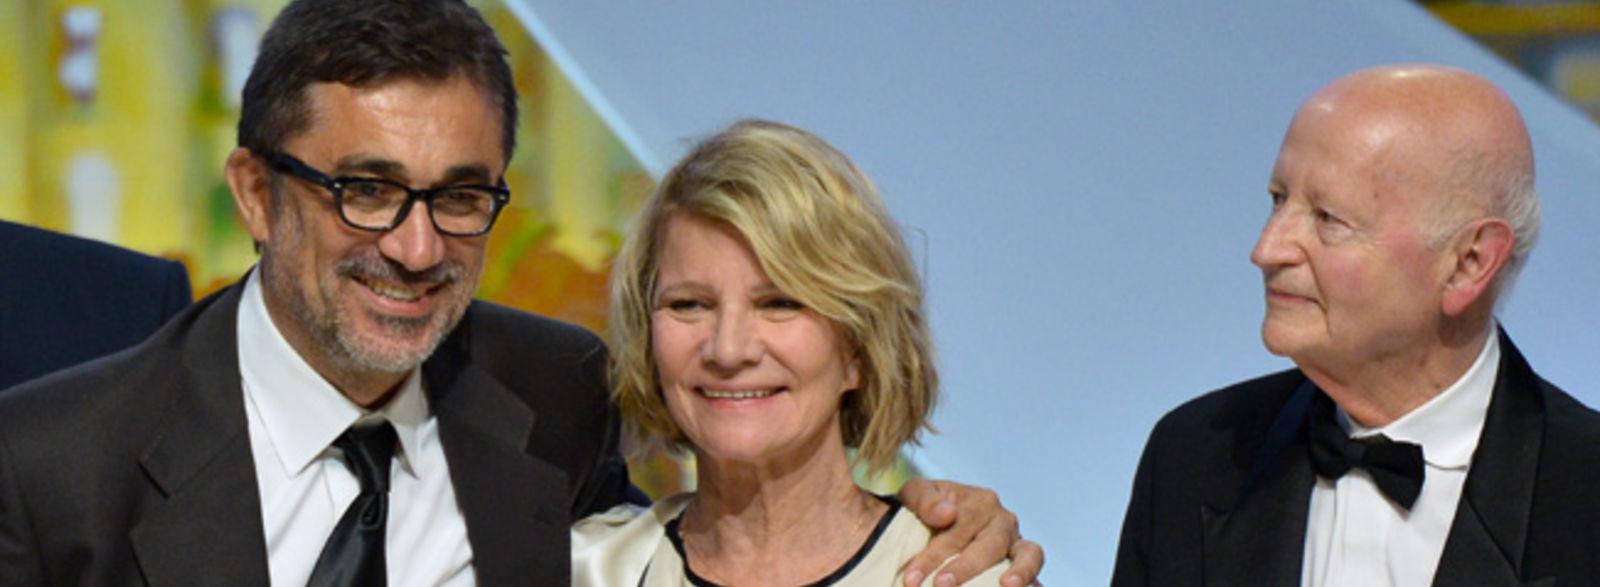 Cannes 2014 : Un palmarès correct mais timoré